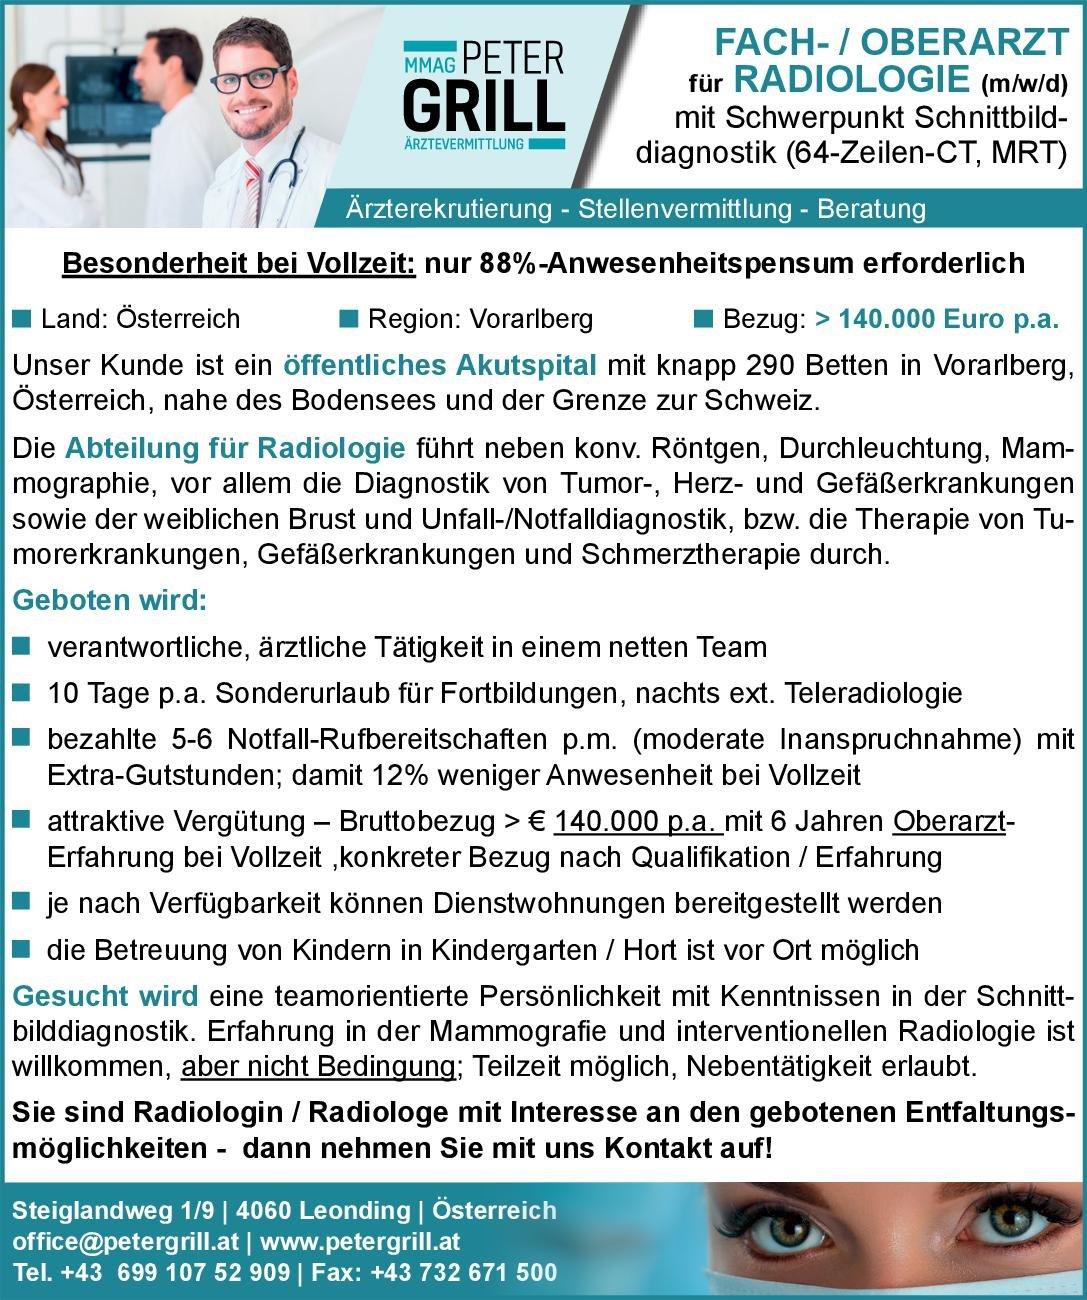 Peter Grill Ärztevermittlung Fach- / Oberarzt (m/w/d) für Radiologie  Radiologie, Radiologie Arzt / Facharzt, Oberarzt